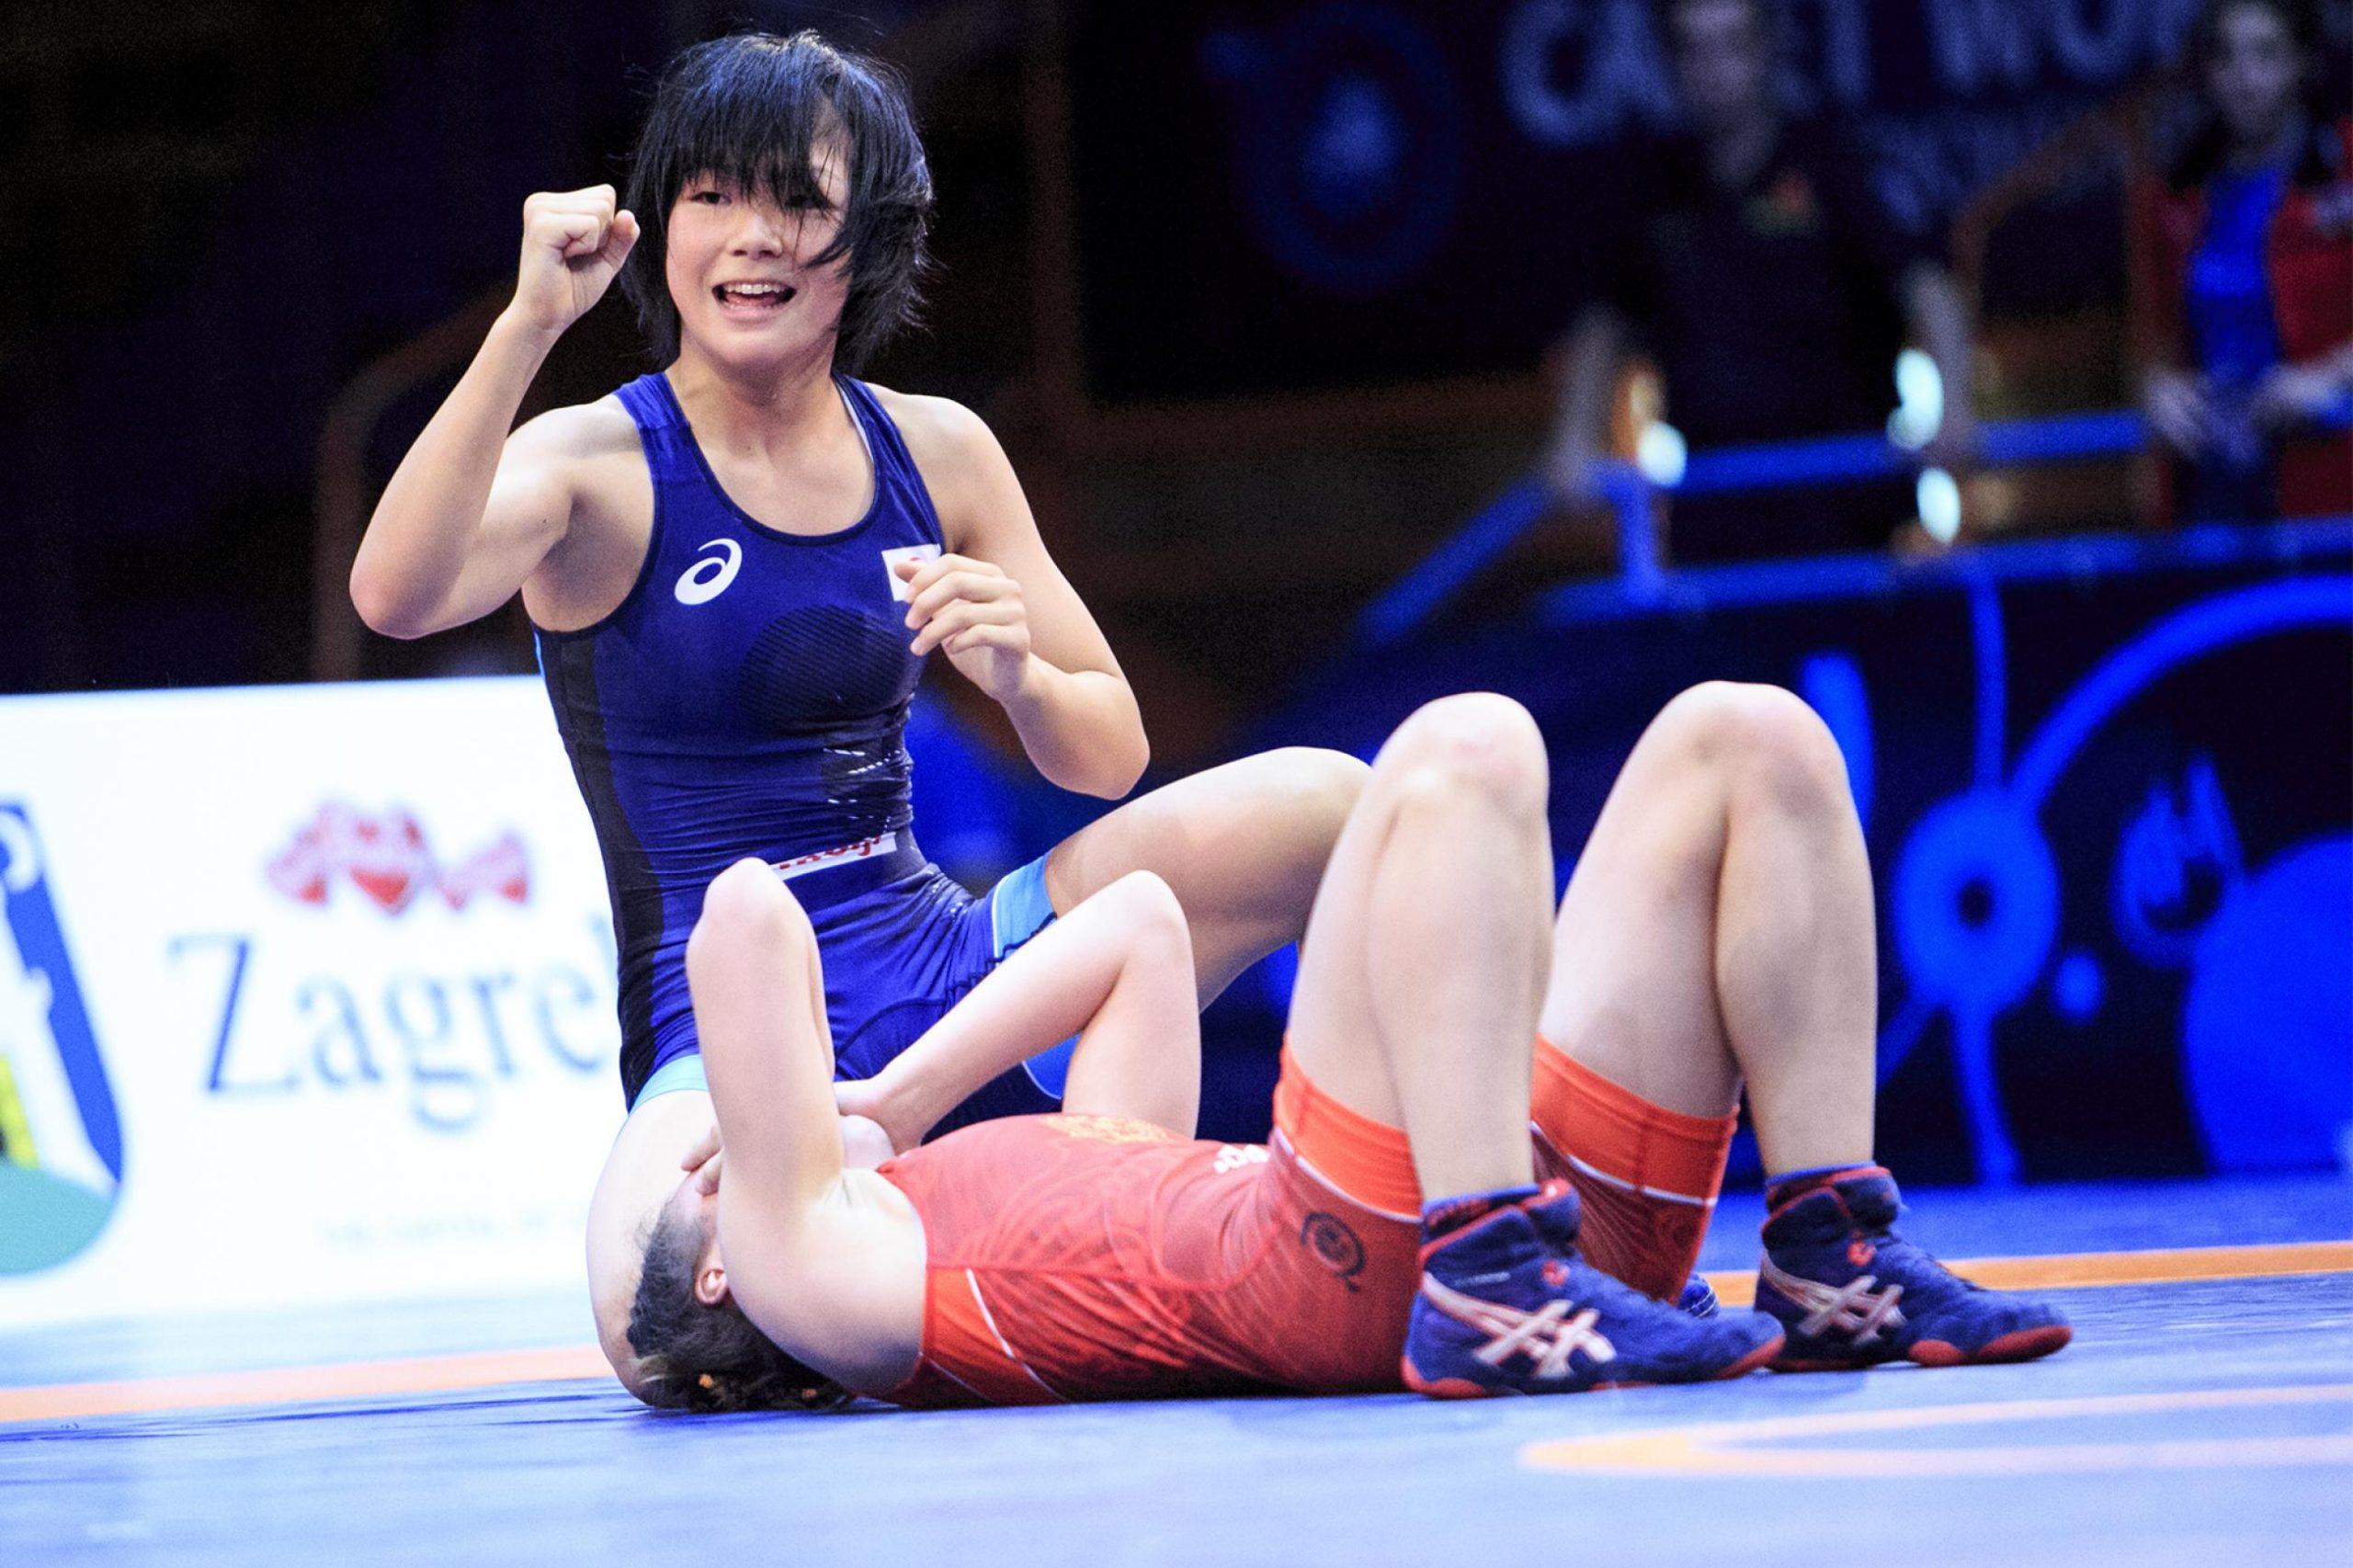 Сензация! 17-годишна спечели световна титла в борбата (ВИДЕО)